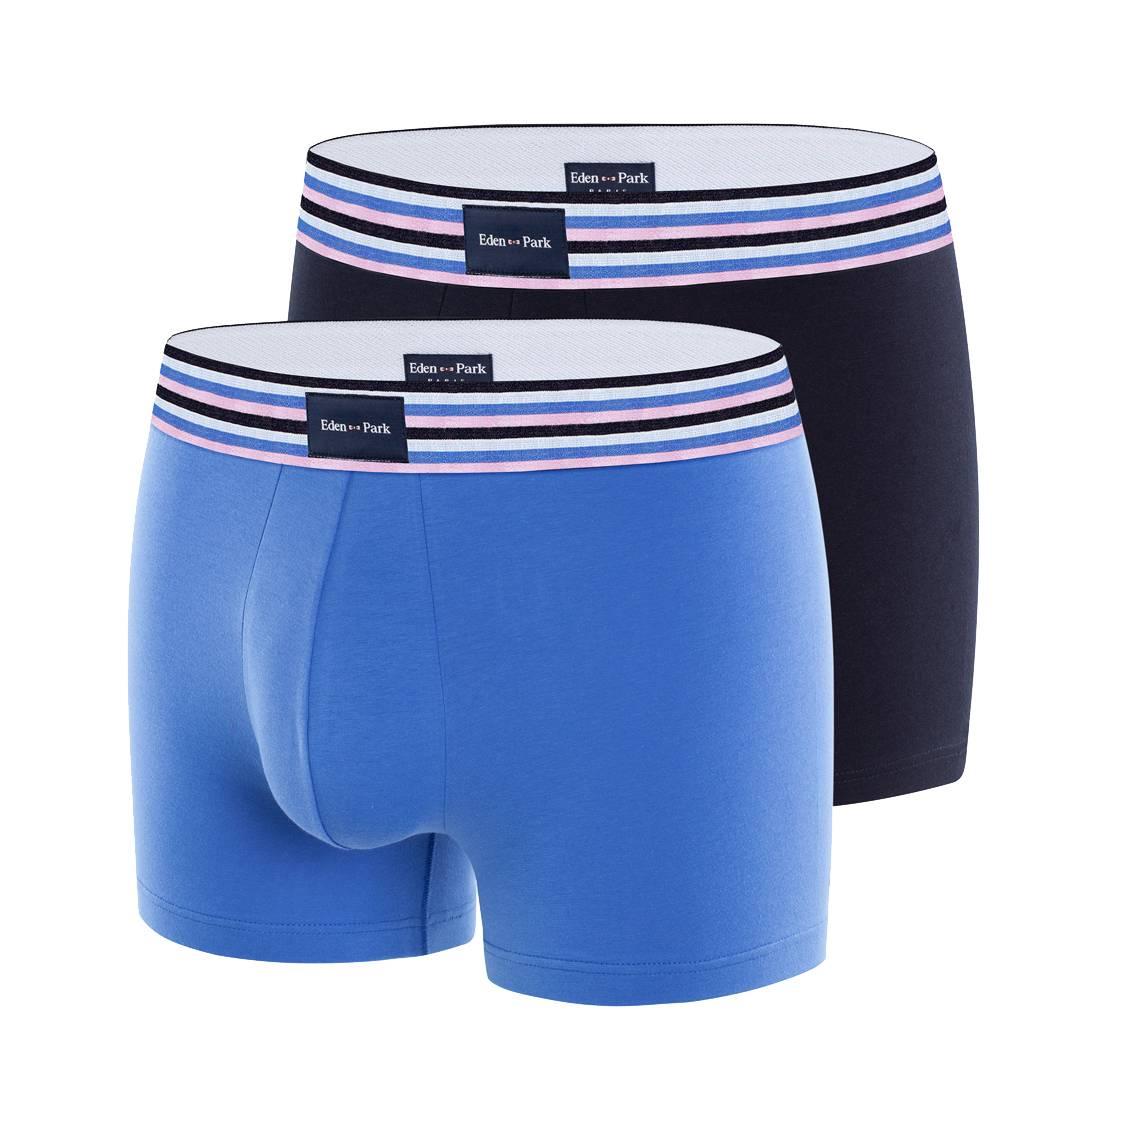 Lot de 2 boxers eden park en coton stretch bleu marine et bleu pétrole